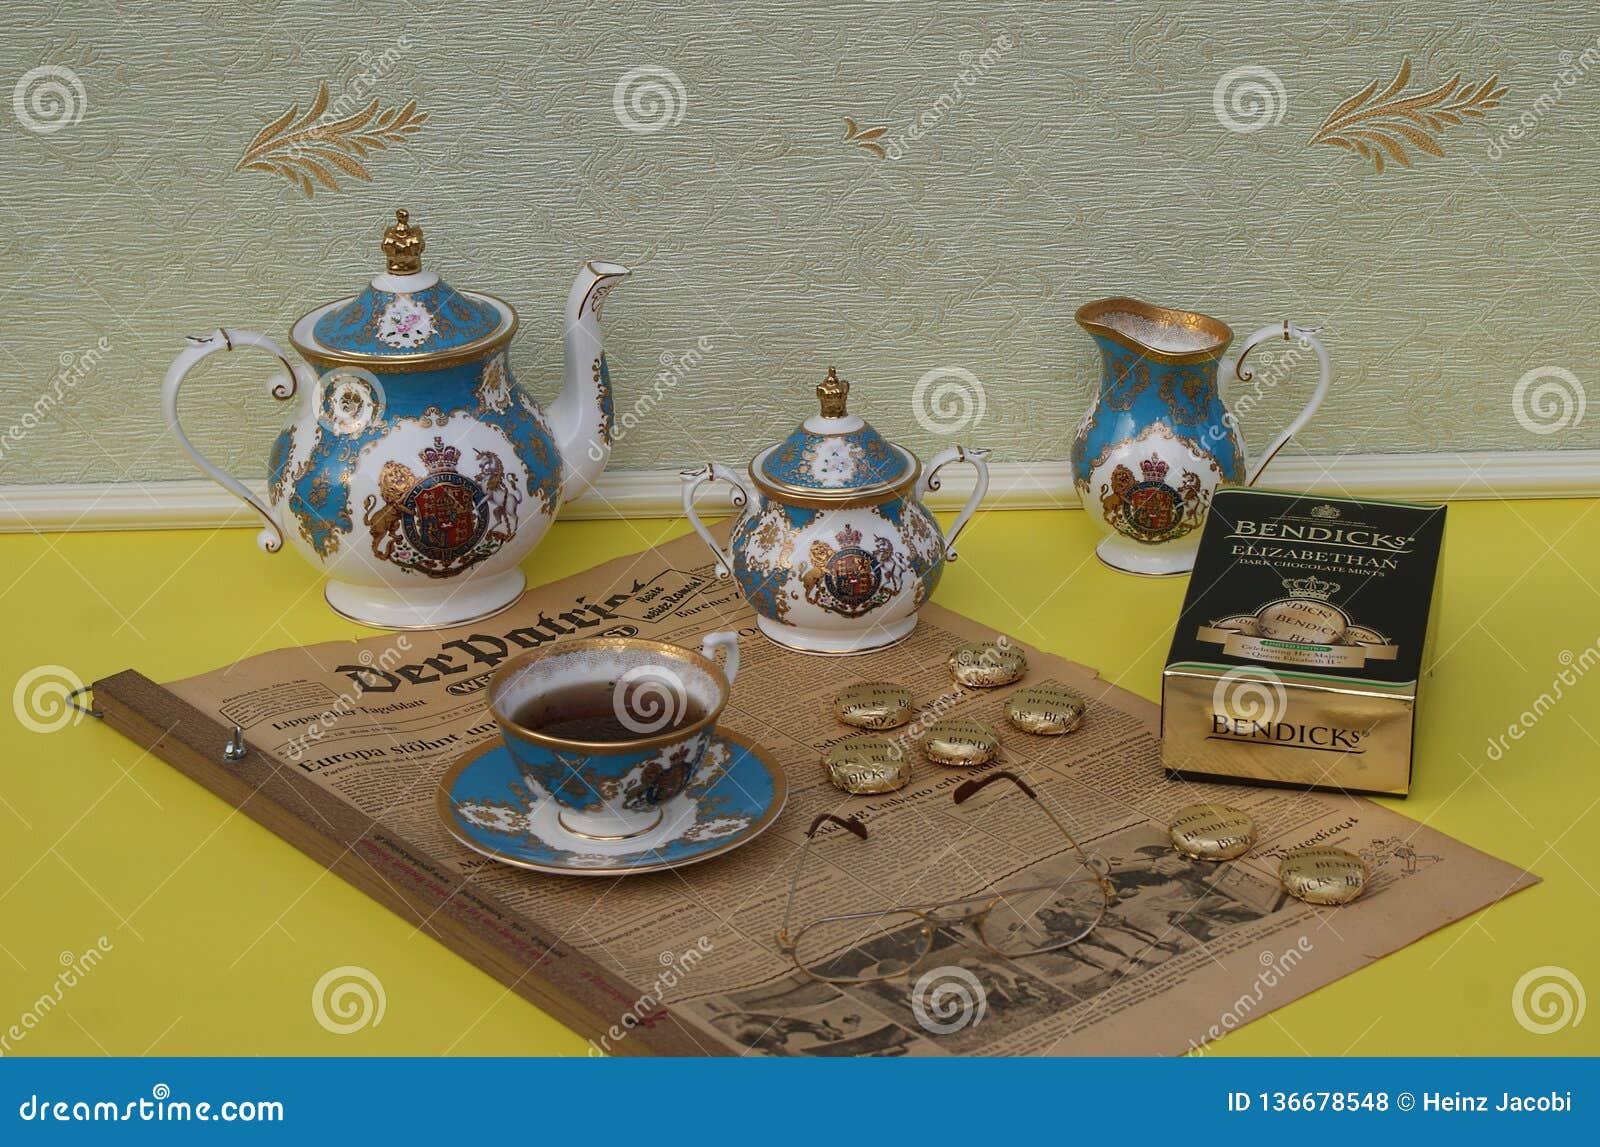 Английский набор чая, пакет мят шоколада Bendick елизаветинских и стекла чтения на старом немецком патриоте Der газеты